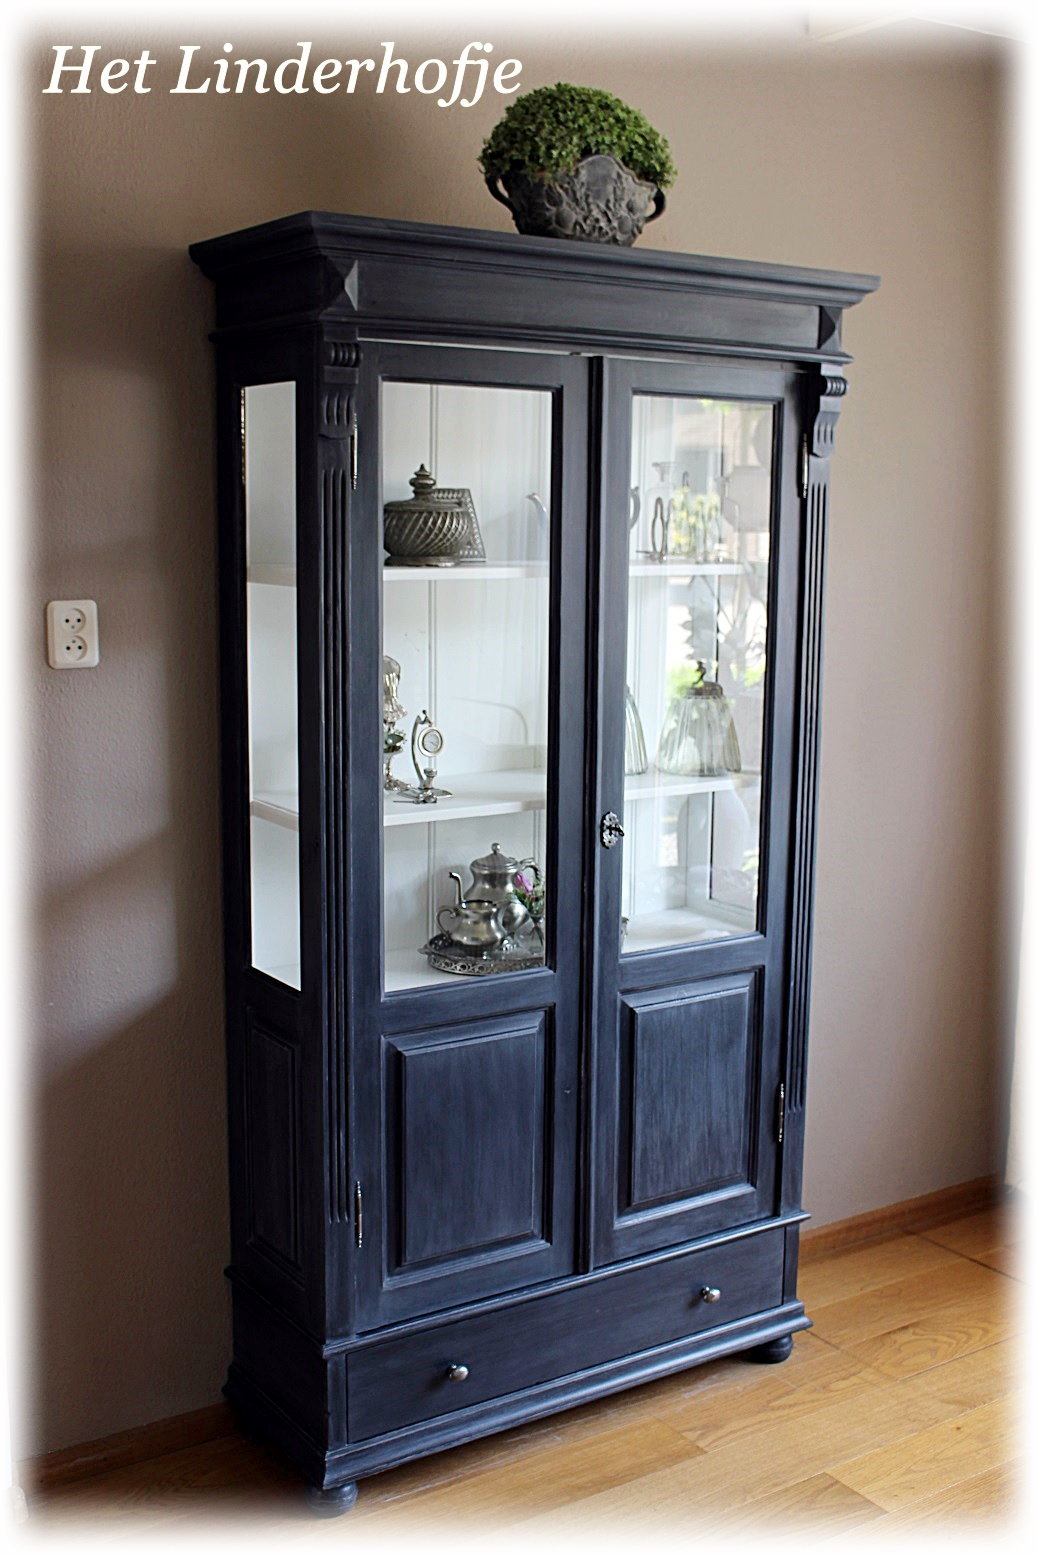 Het Linderhofje woonaccessoires  Zwarte  grijze landelijke, brocante vitrine  servies kast